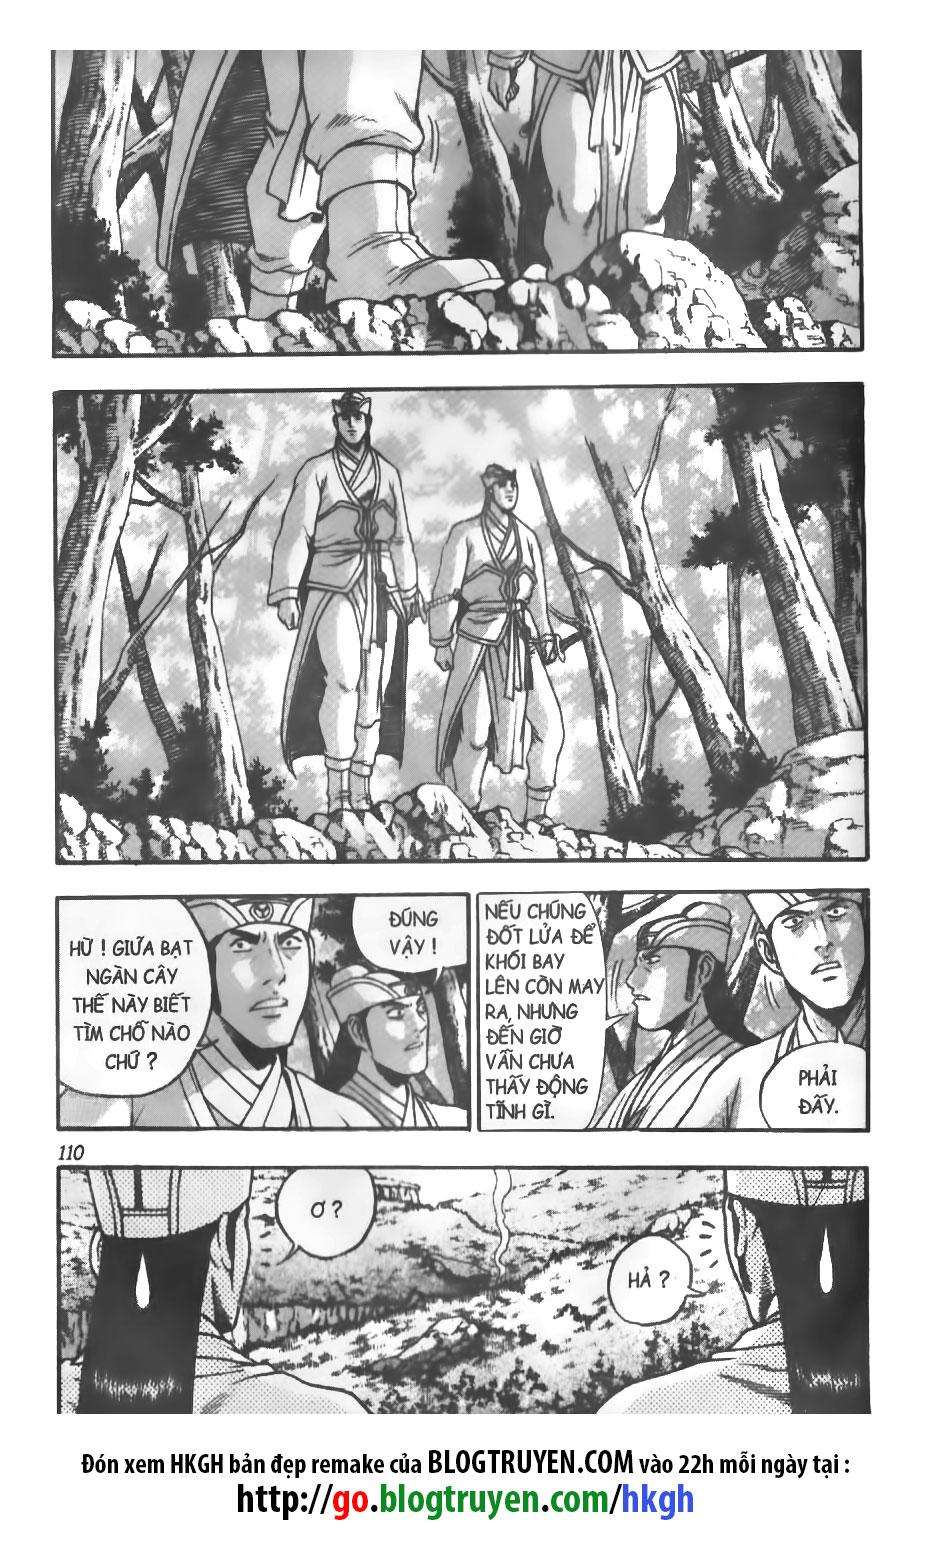 xem truyen moi - Hiệp Khách Giang Hồ Vol41 - Chap 282 - Remake